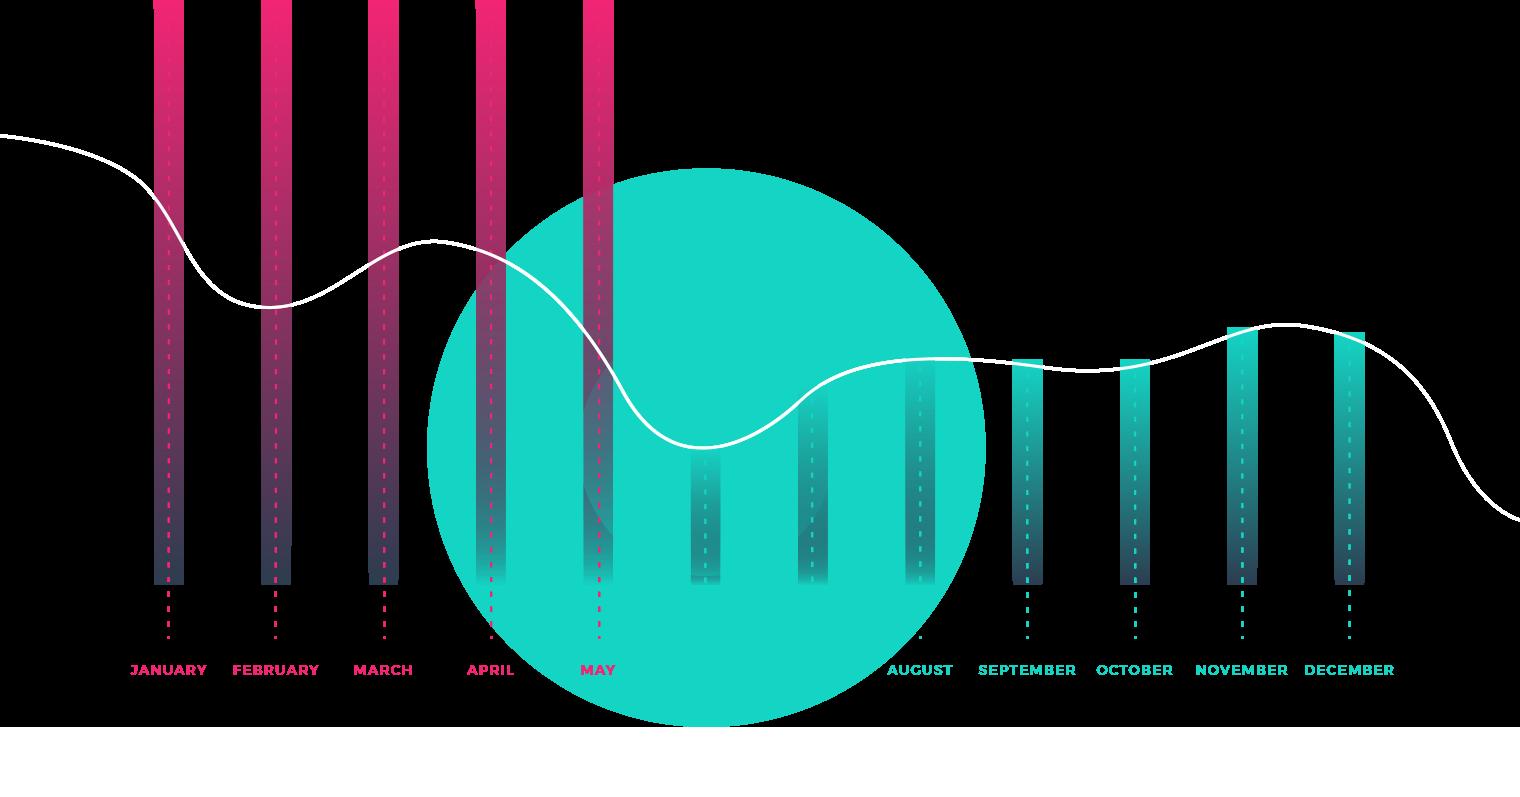 Diagram - Cost Optimisation